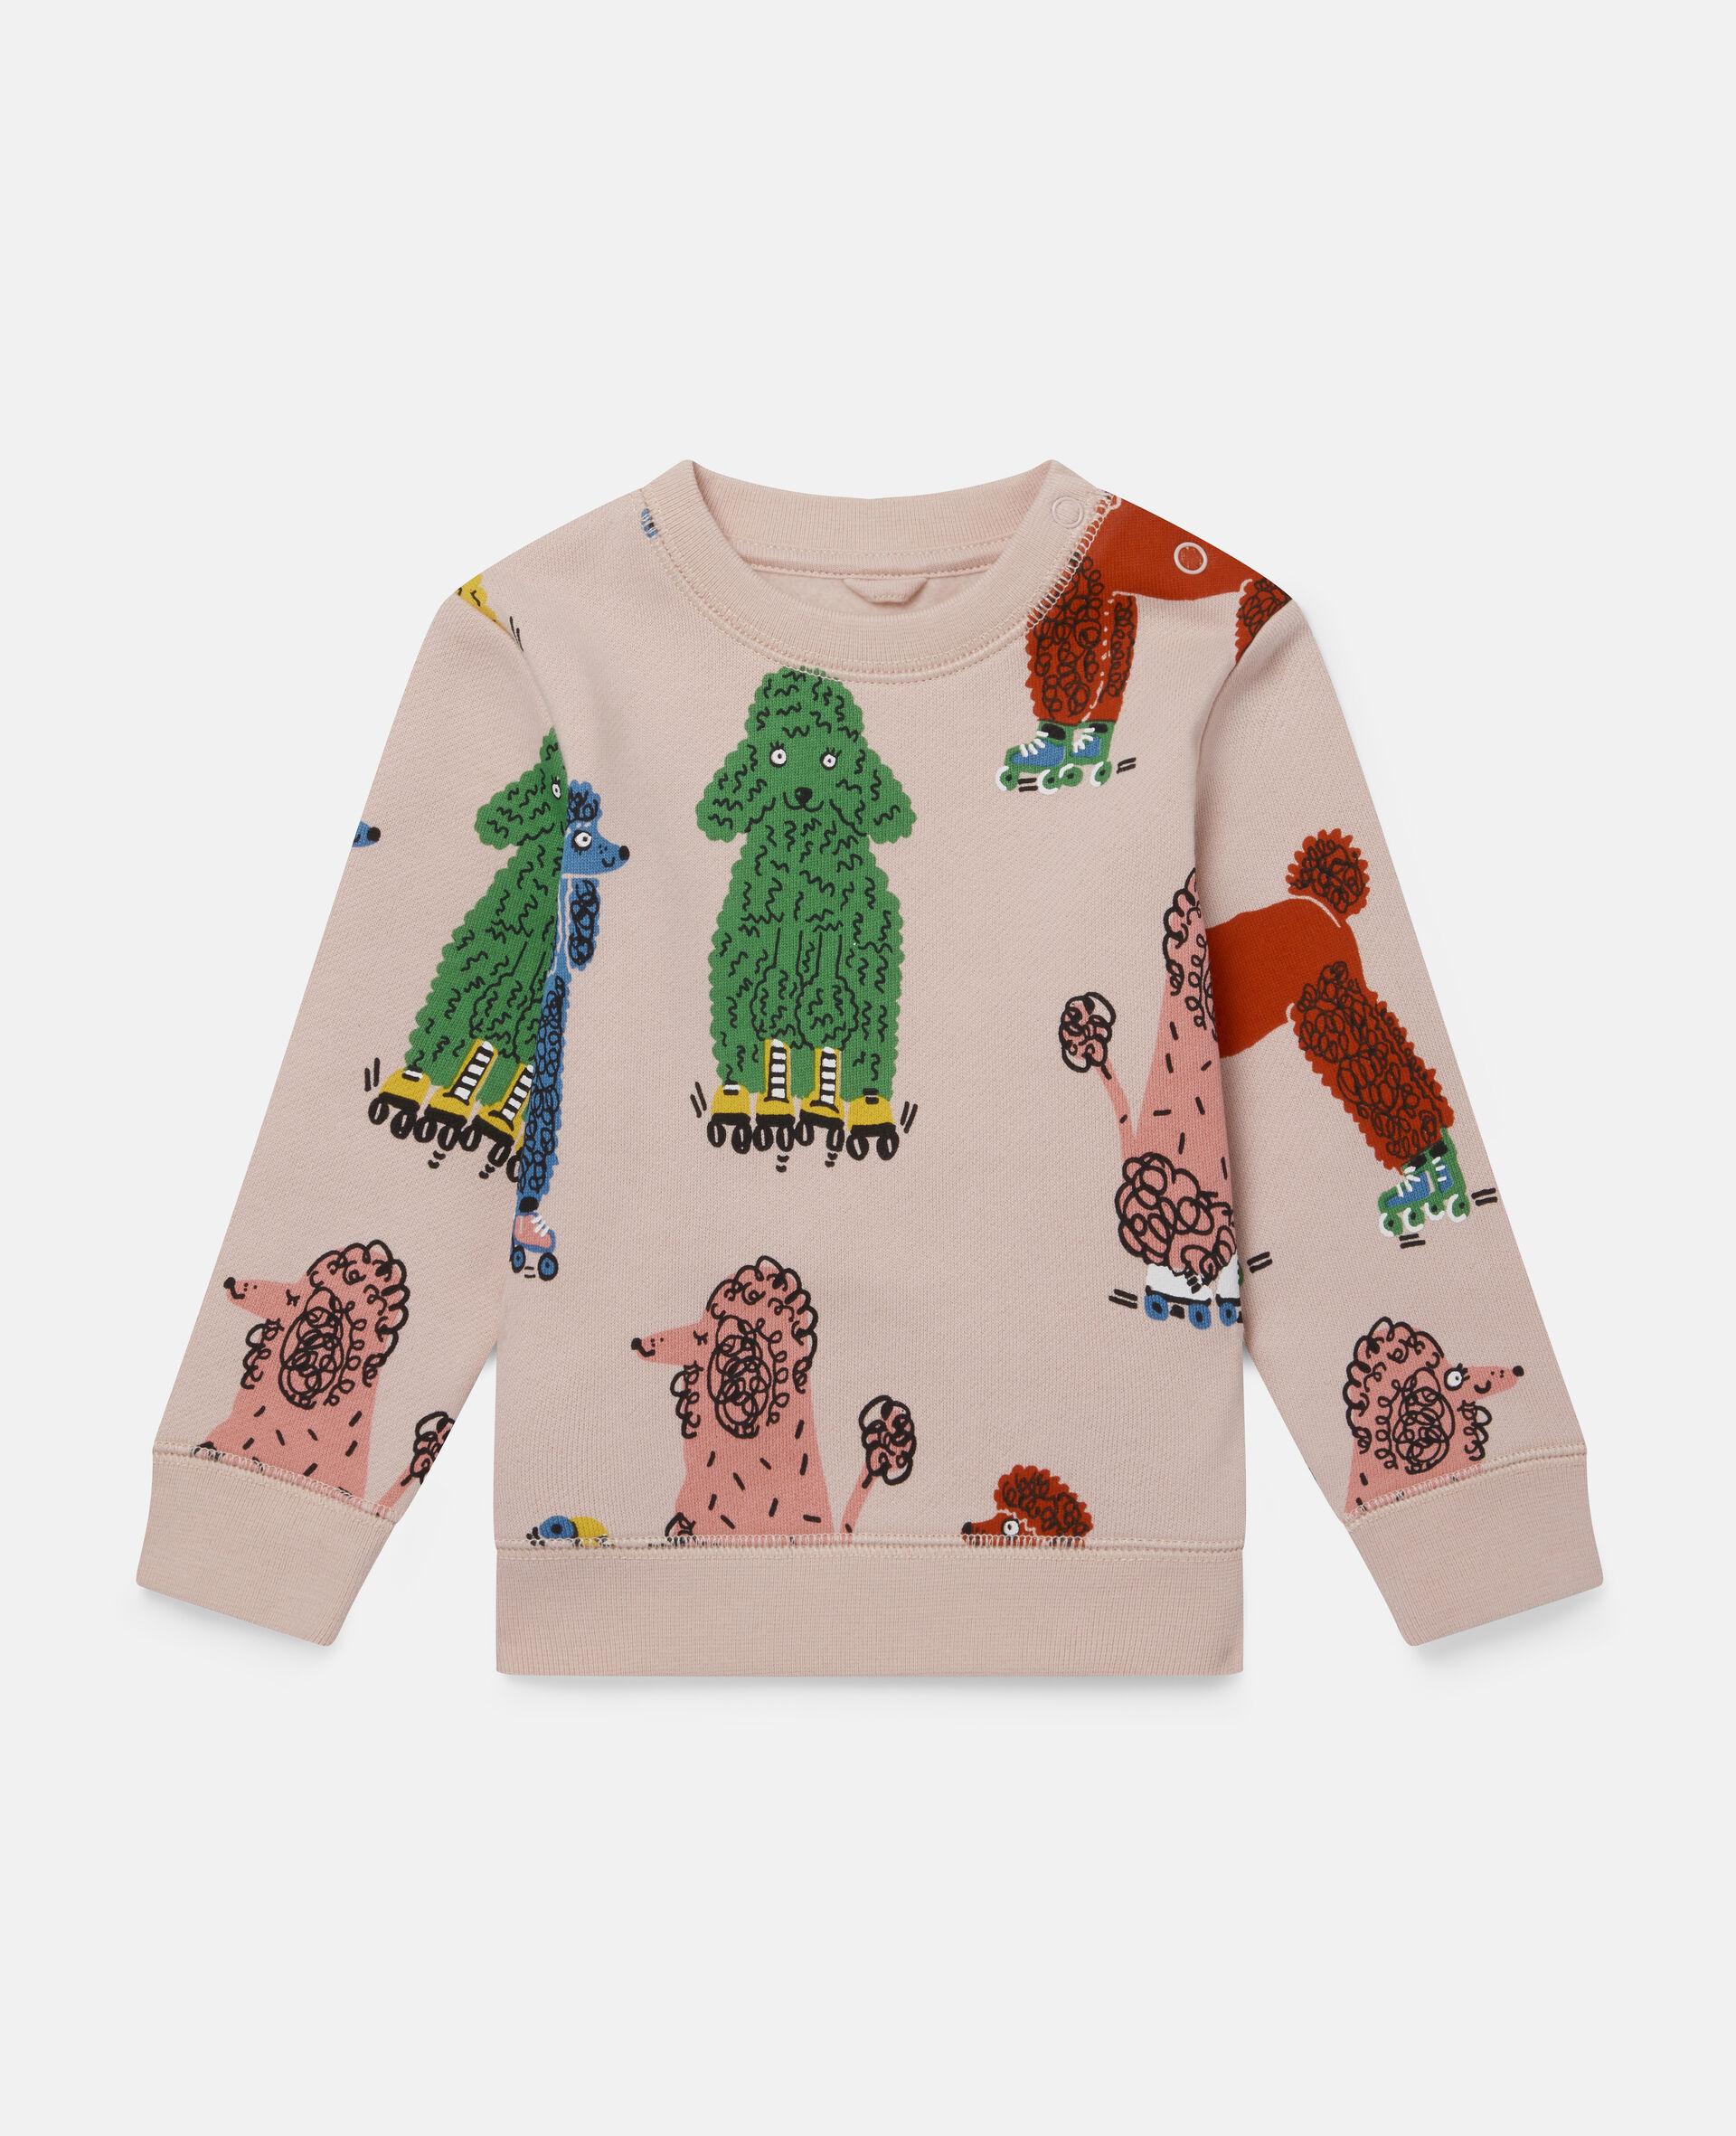 Doodle Poodles Fleece Sweatshirt-Pink-large image number 0